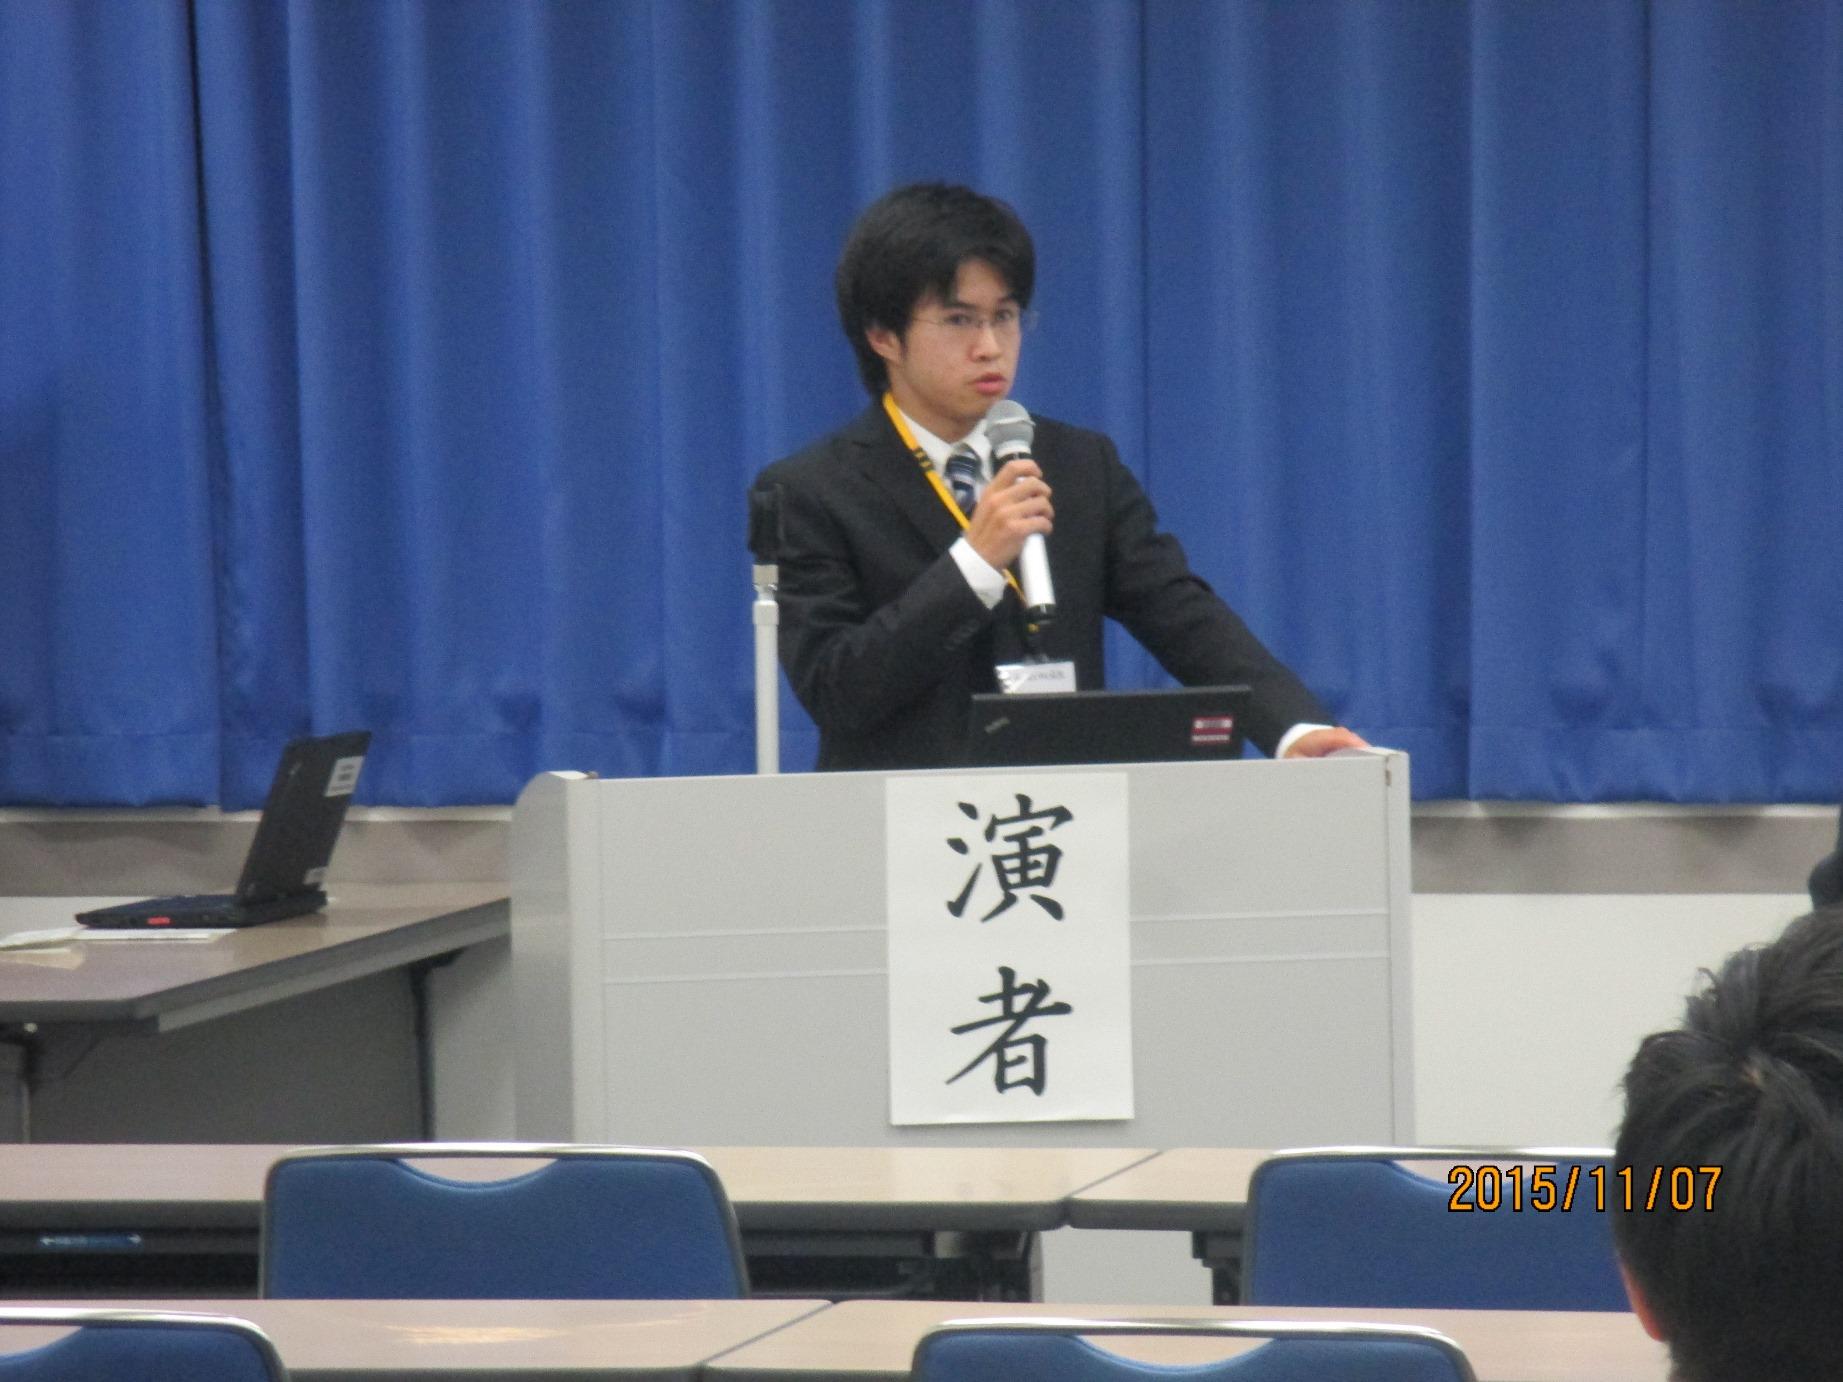 内科レジデントカンファレンス2015 in OKAYAMA